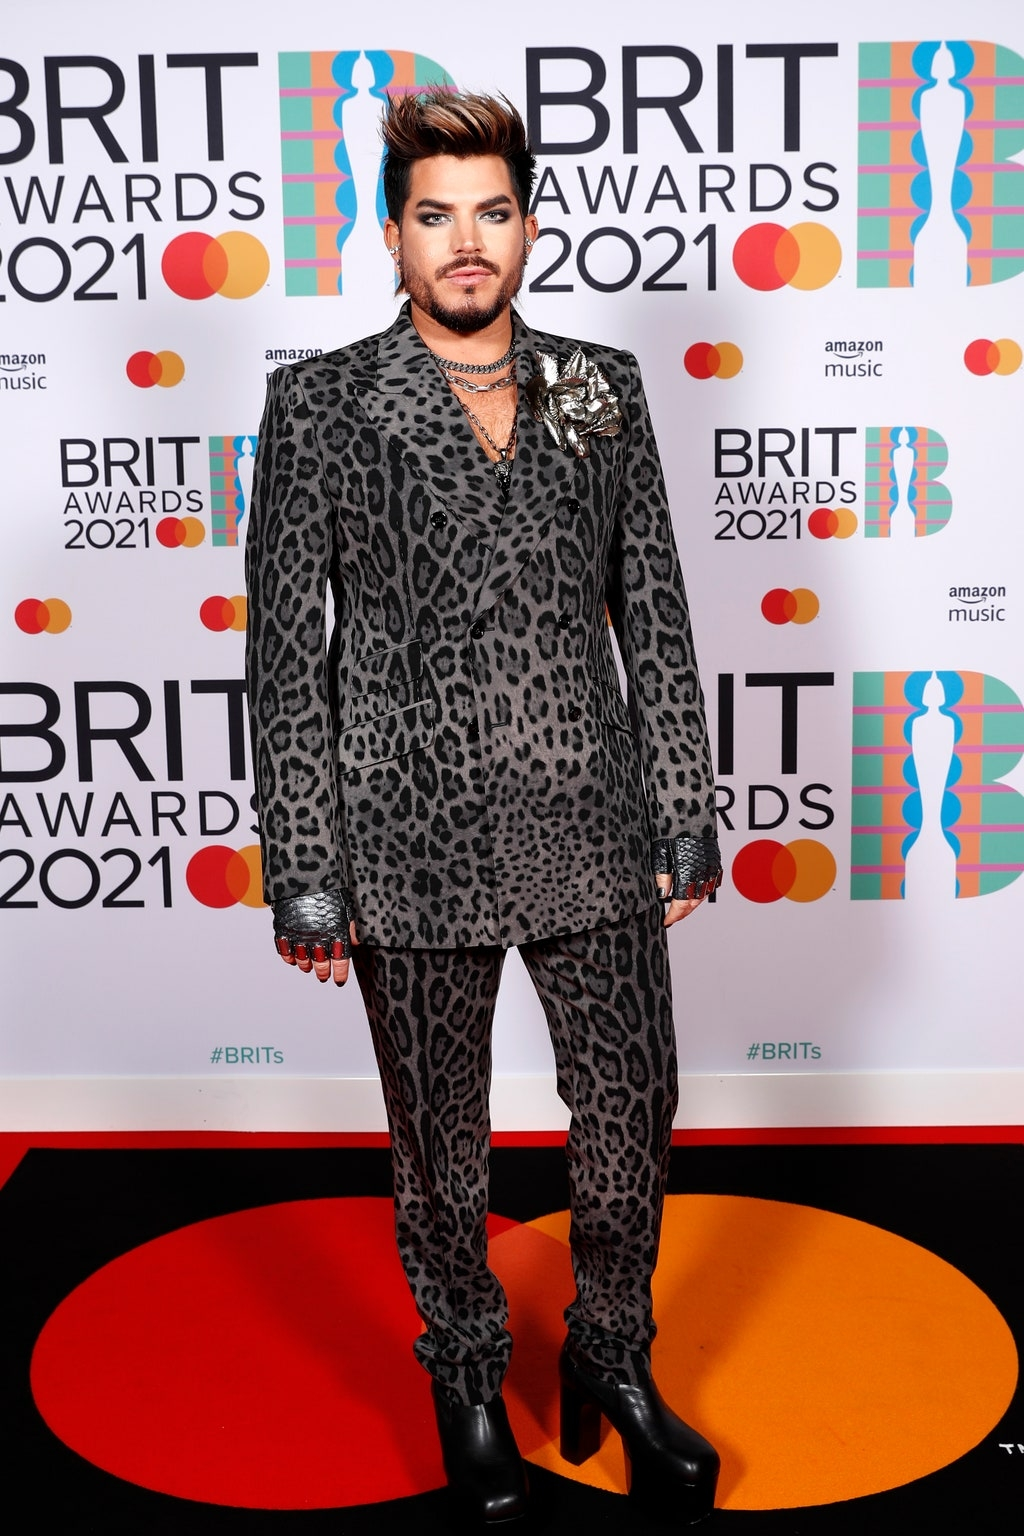 Самые яркие образы звезд на красной дорожке BRIT Awards 2021 (ФОТО) - фото №4